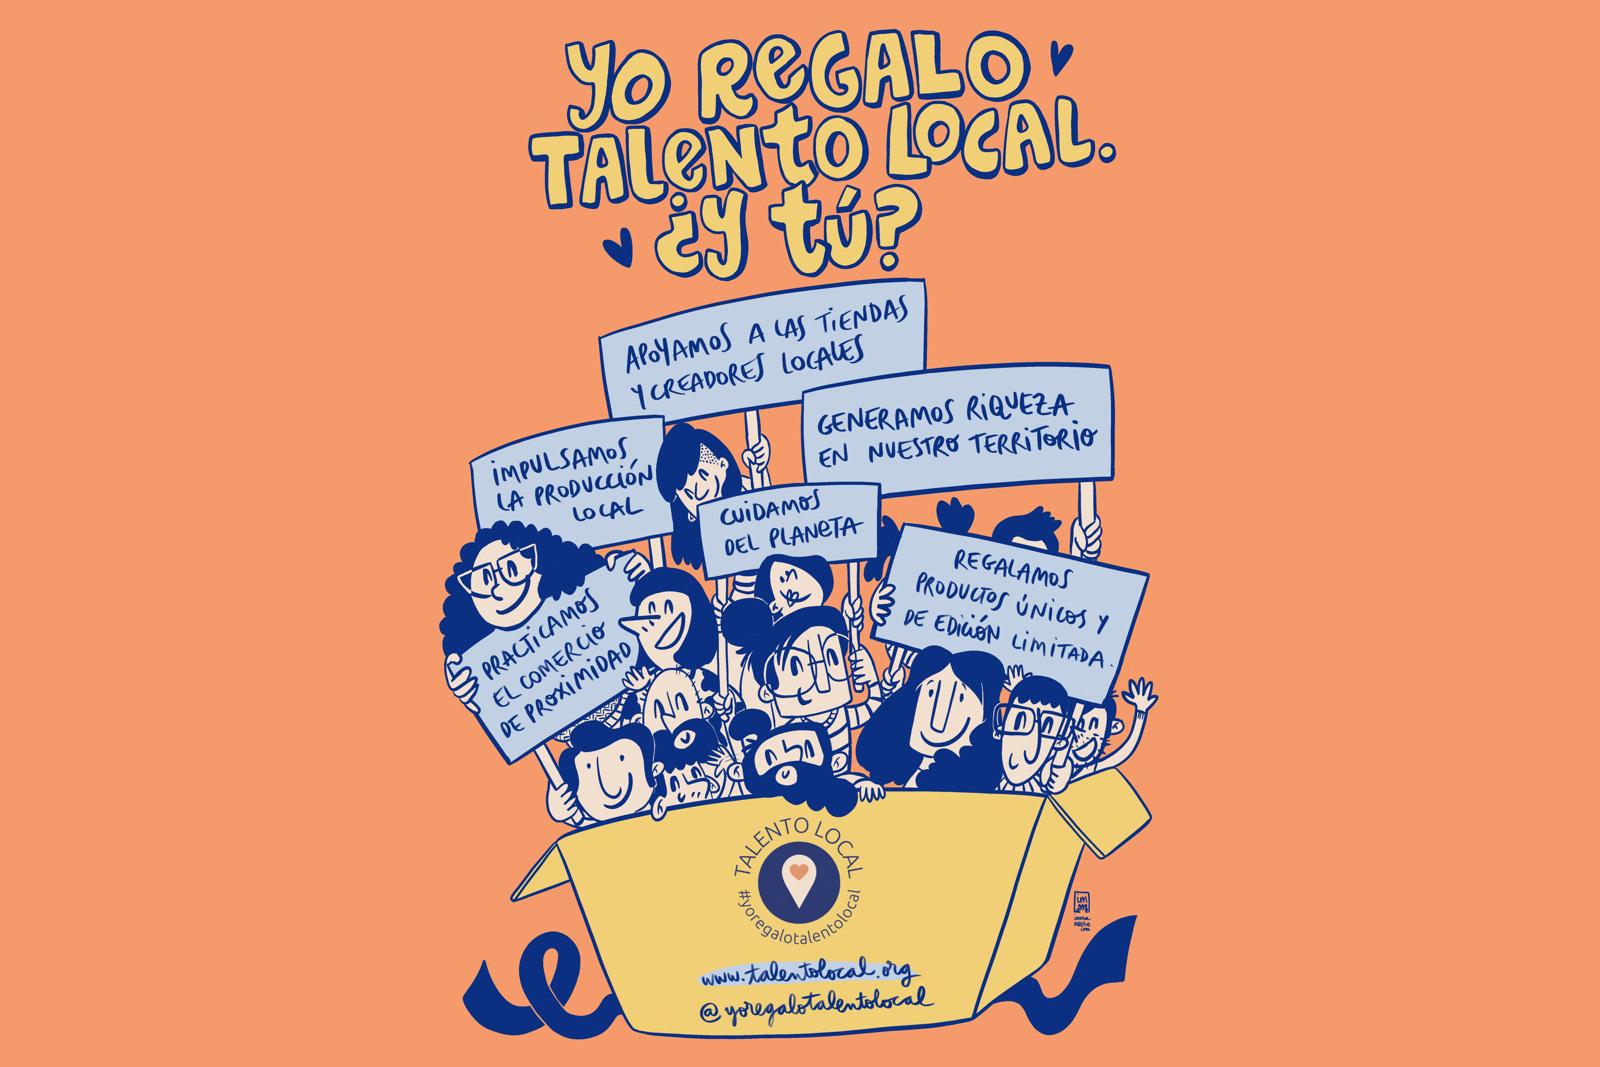 ilustración #yoregalotalentolocal 2020